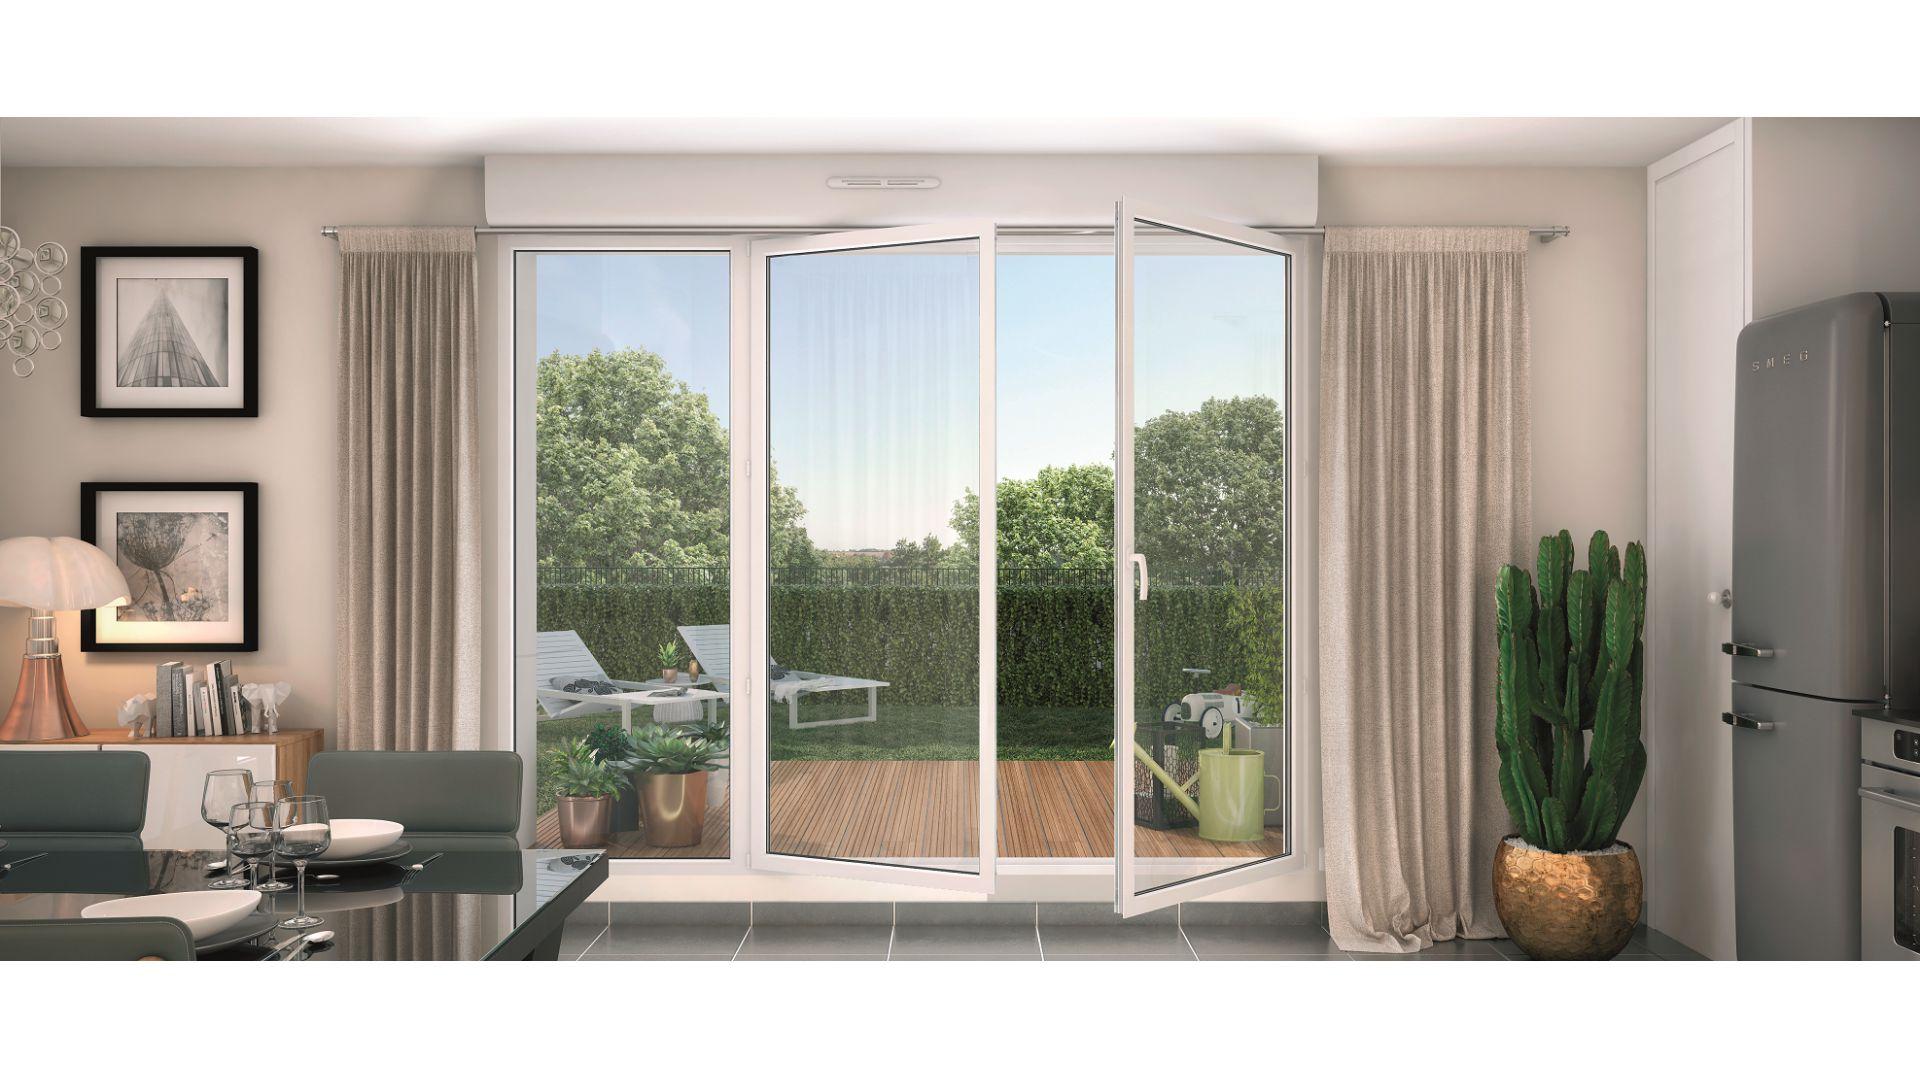 GreenCity immobilier - La Rochelle - Chatelaillon plage - Le Clos D Antoine - appartements et villas du T2 au T5 - vue Terrasse